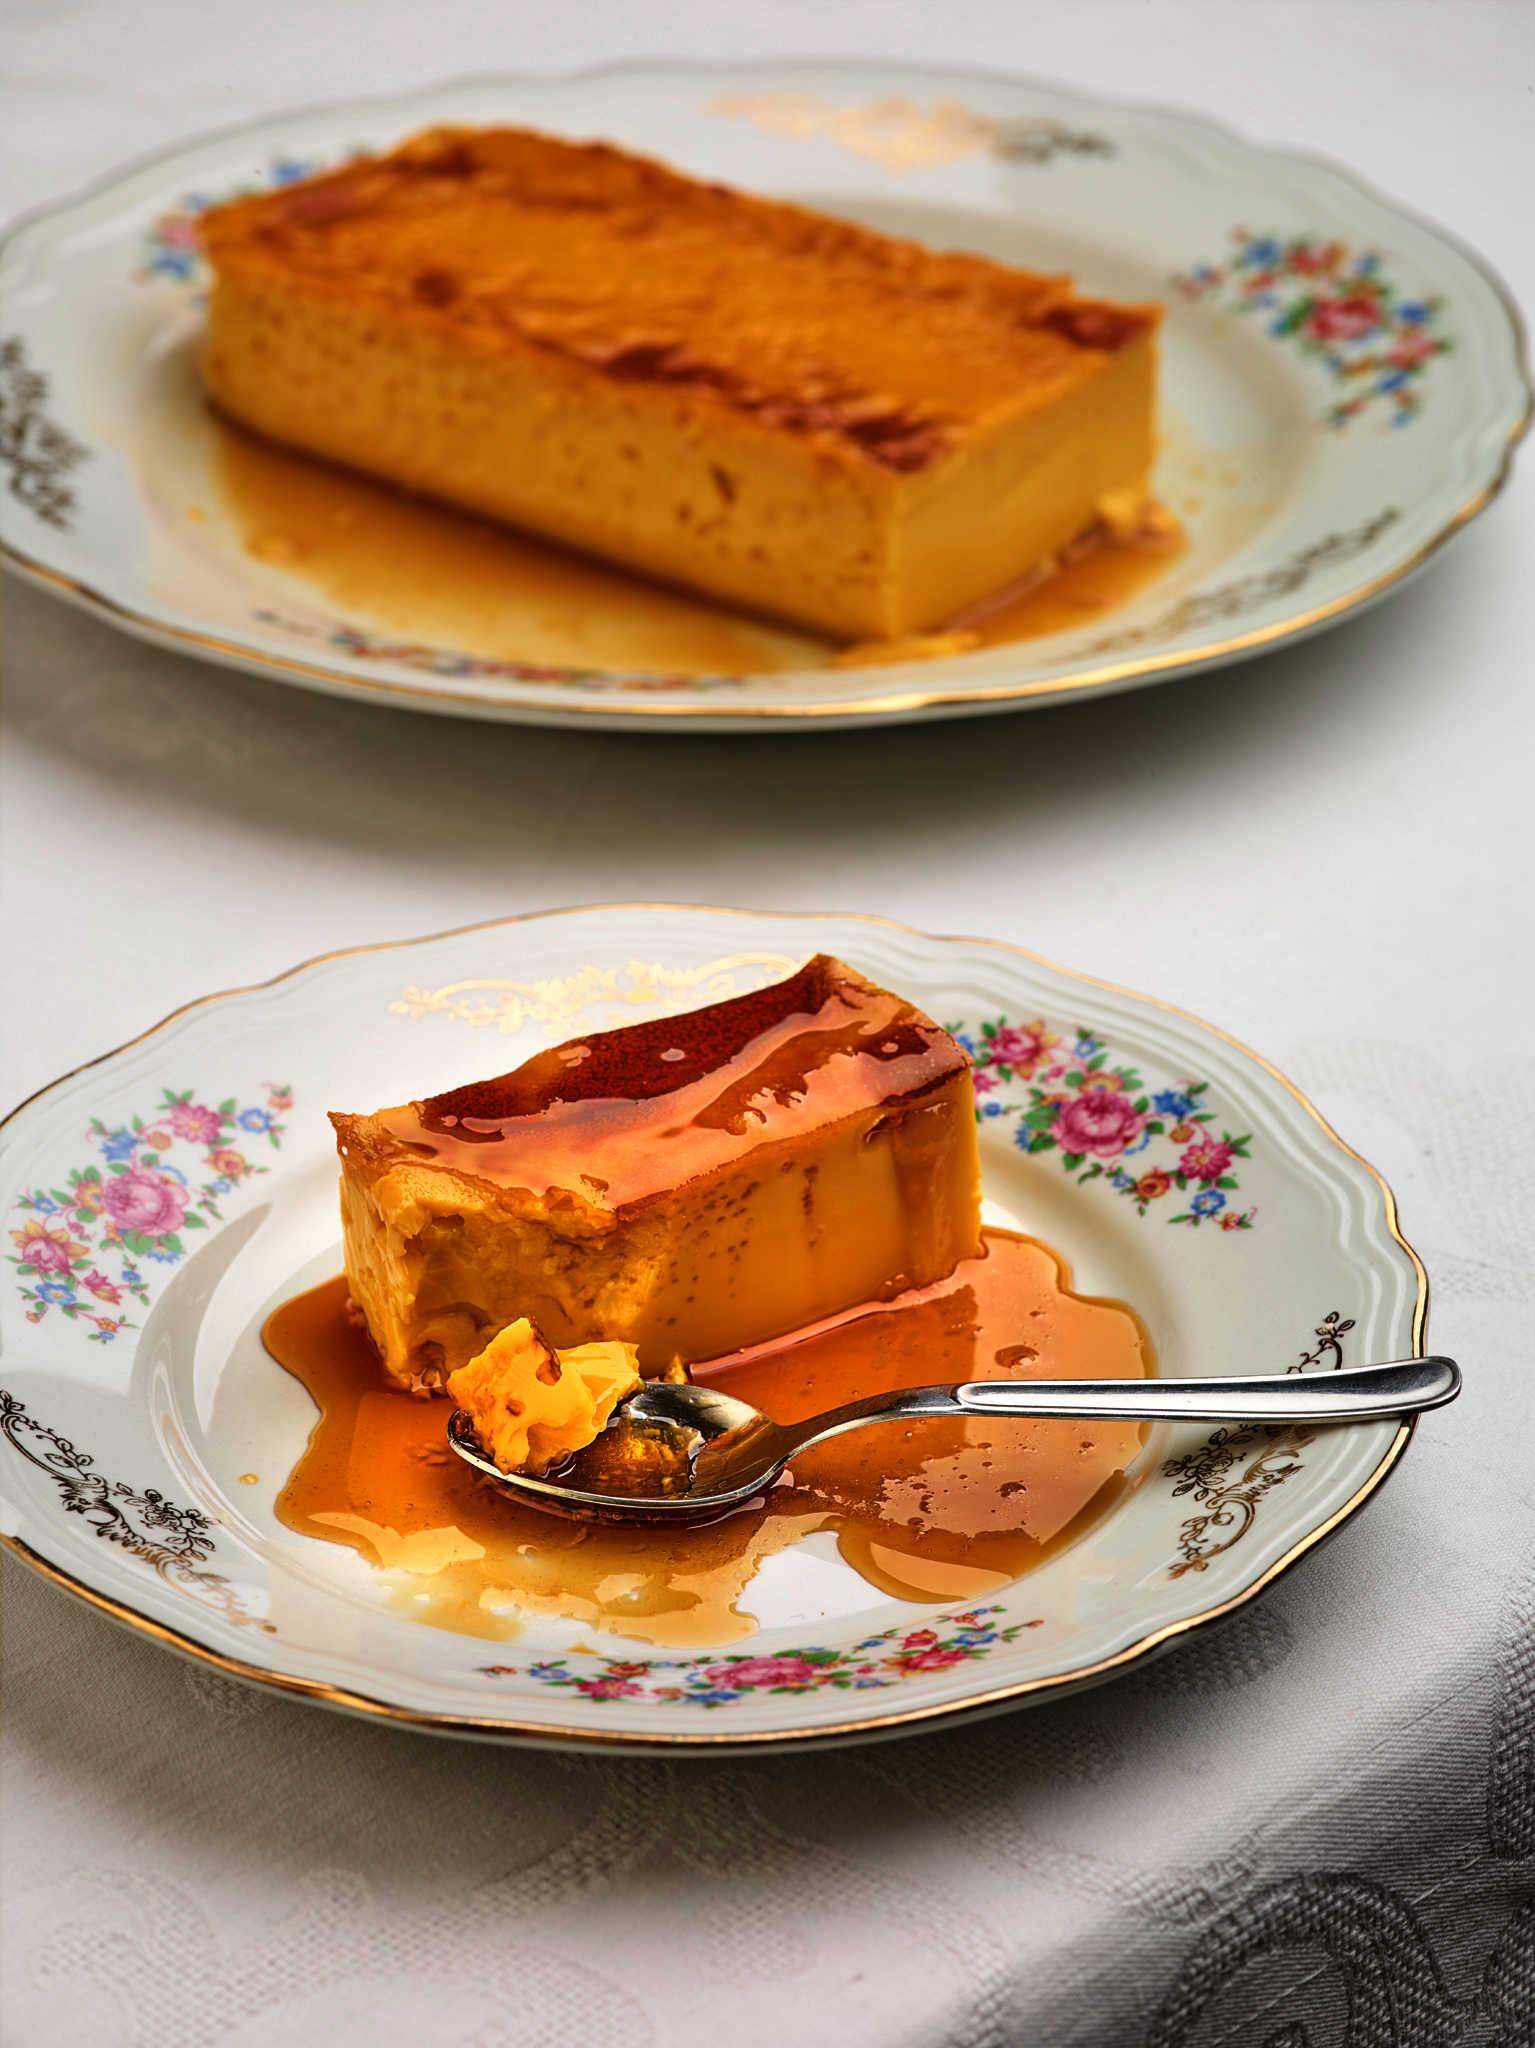 Crème caramel di Vito